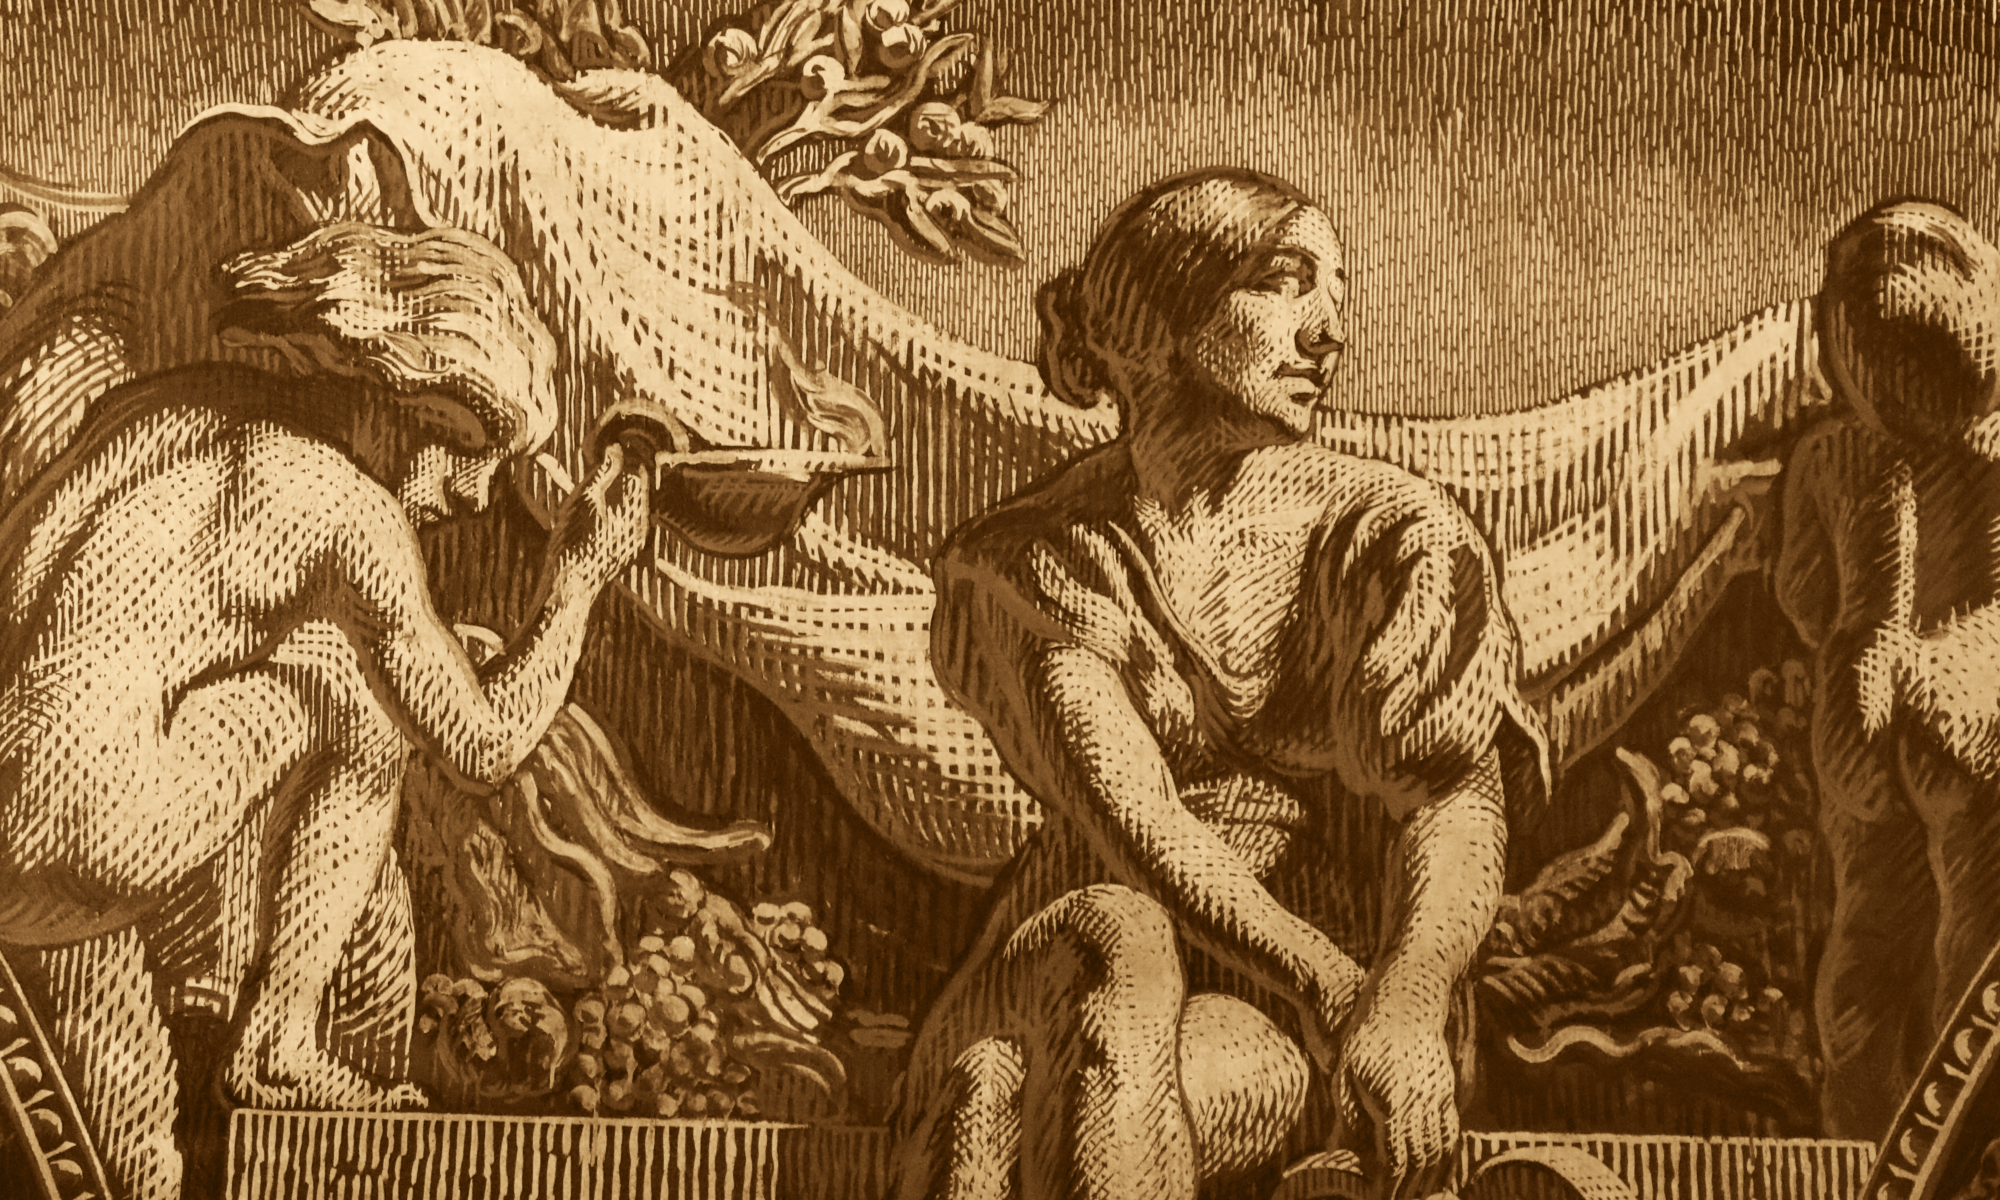 Détail de la fresque le Cortège d'Apollon de José Maria Sert © FSP/OLG